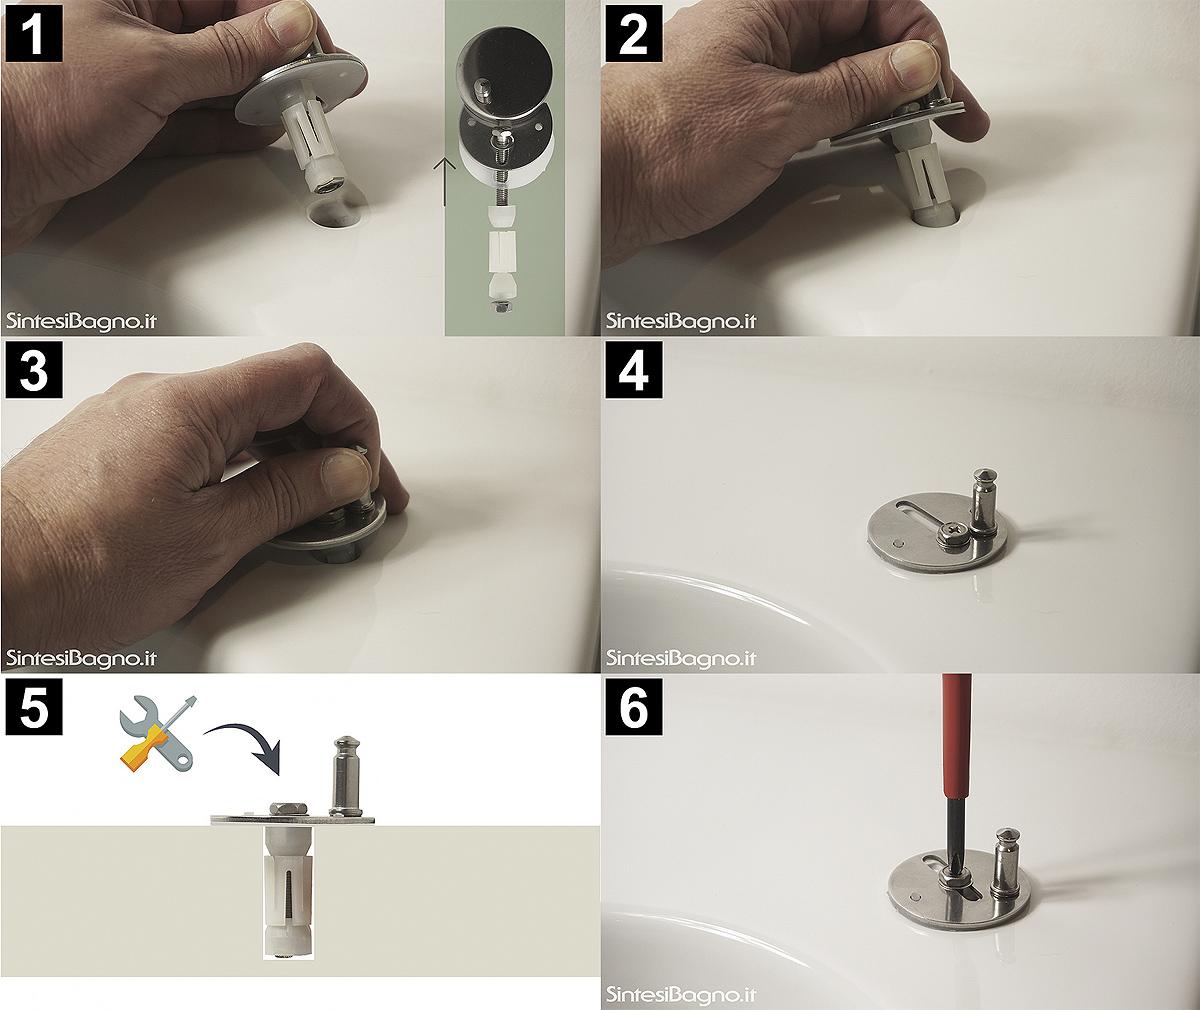 Sequenza fissaggio copriwater con tassello easpnasione